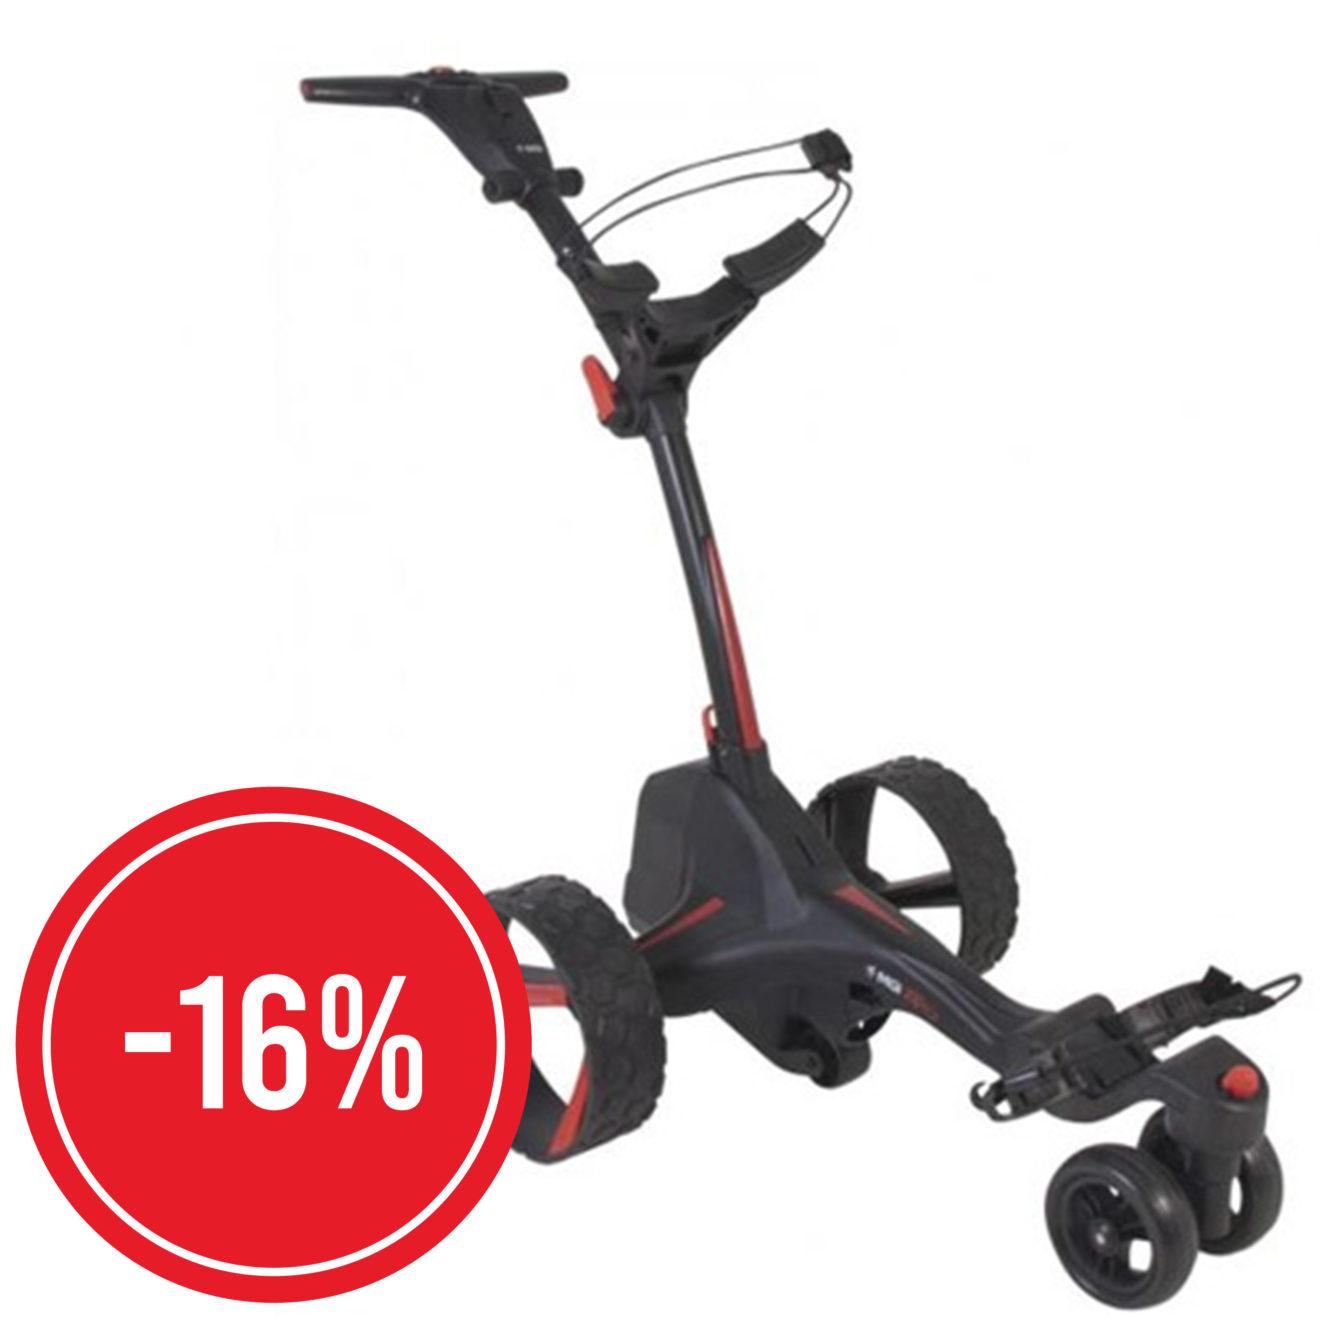 chariot-electrique-x3-16%